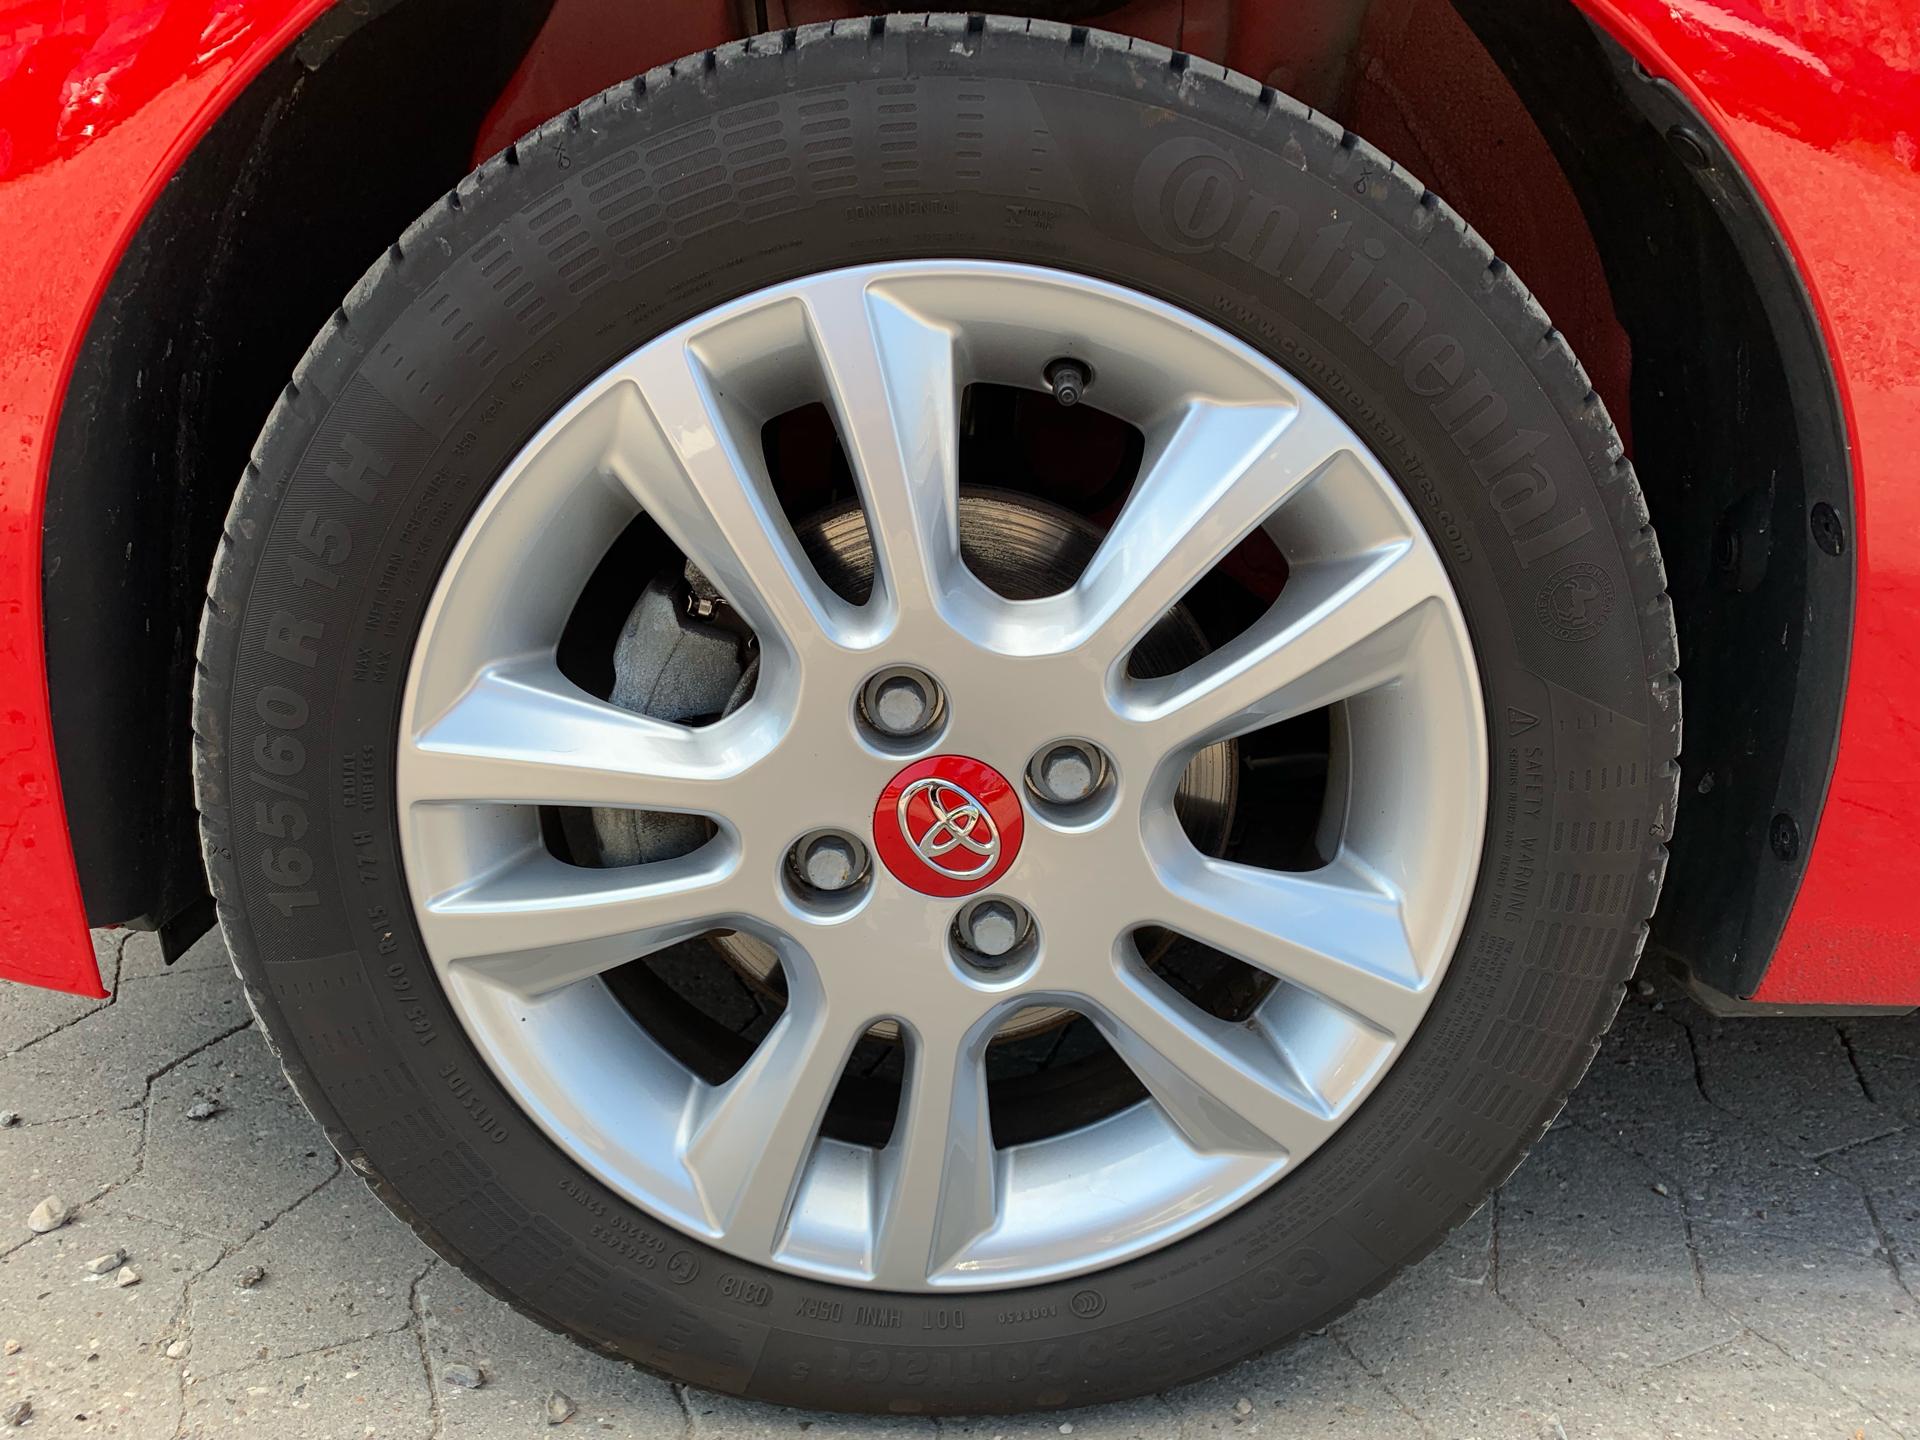 Billede af Toyota Aygo 1,0 VVT-I X-Cellence 69HK 5d